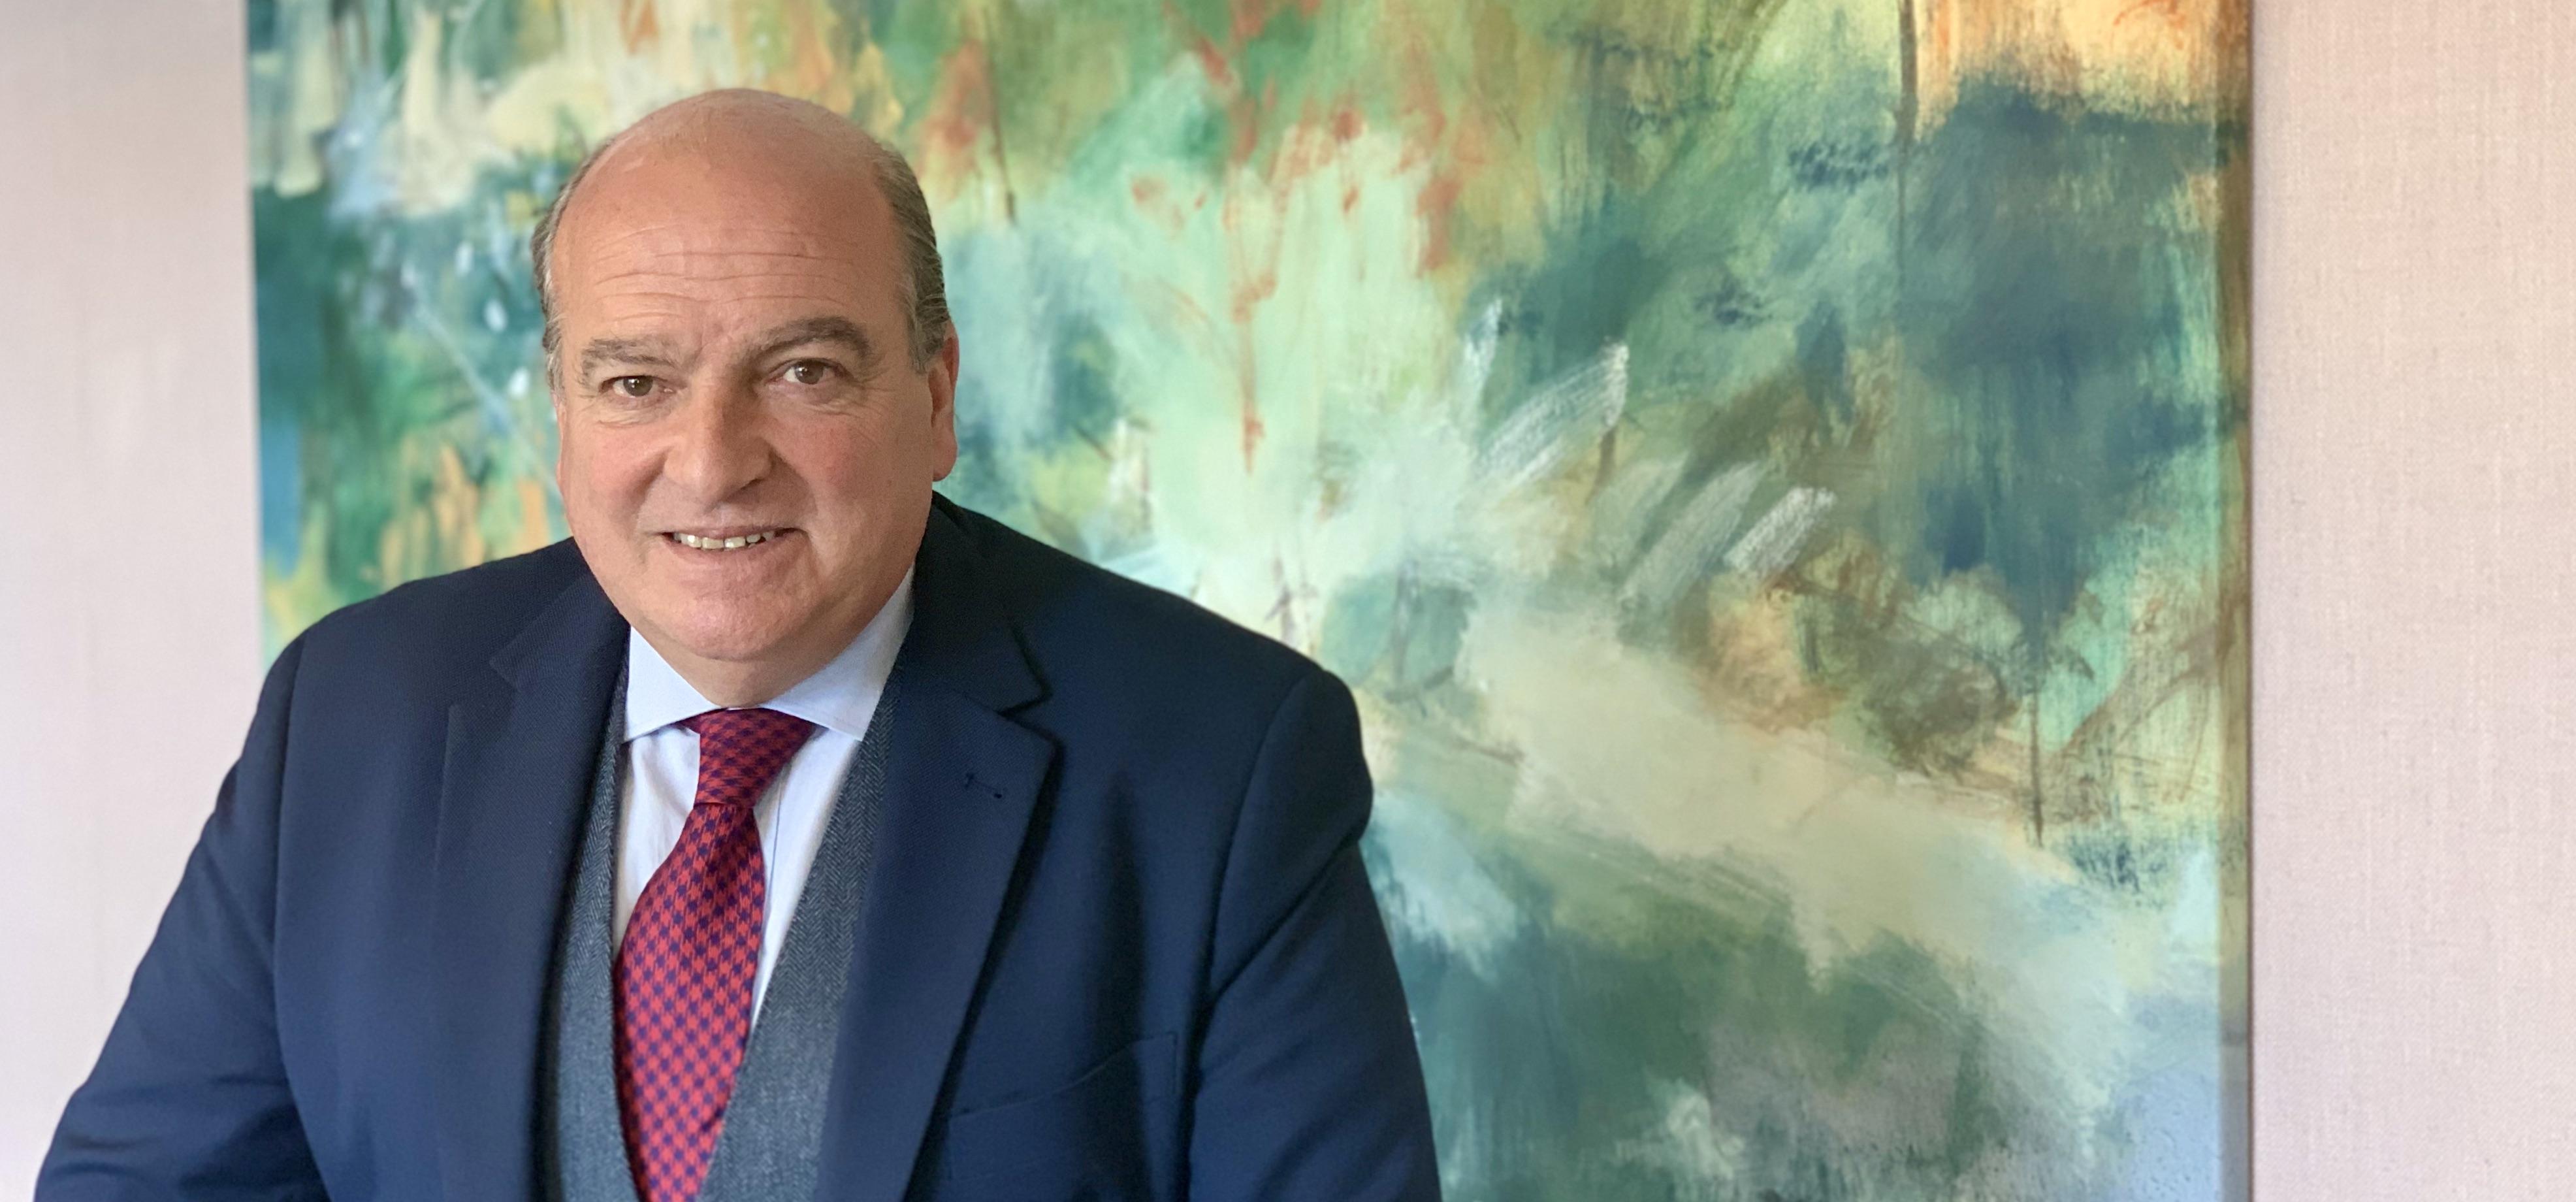 Luis Miguel Martín Rubio